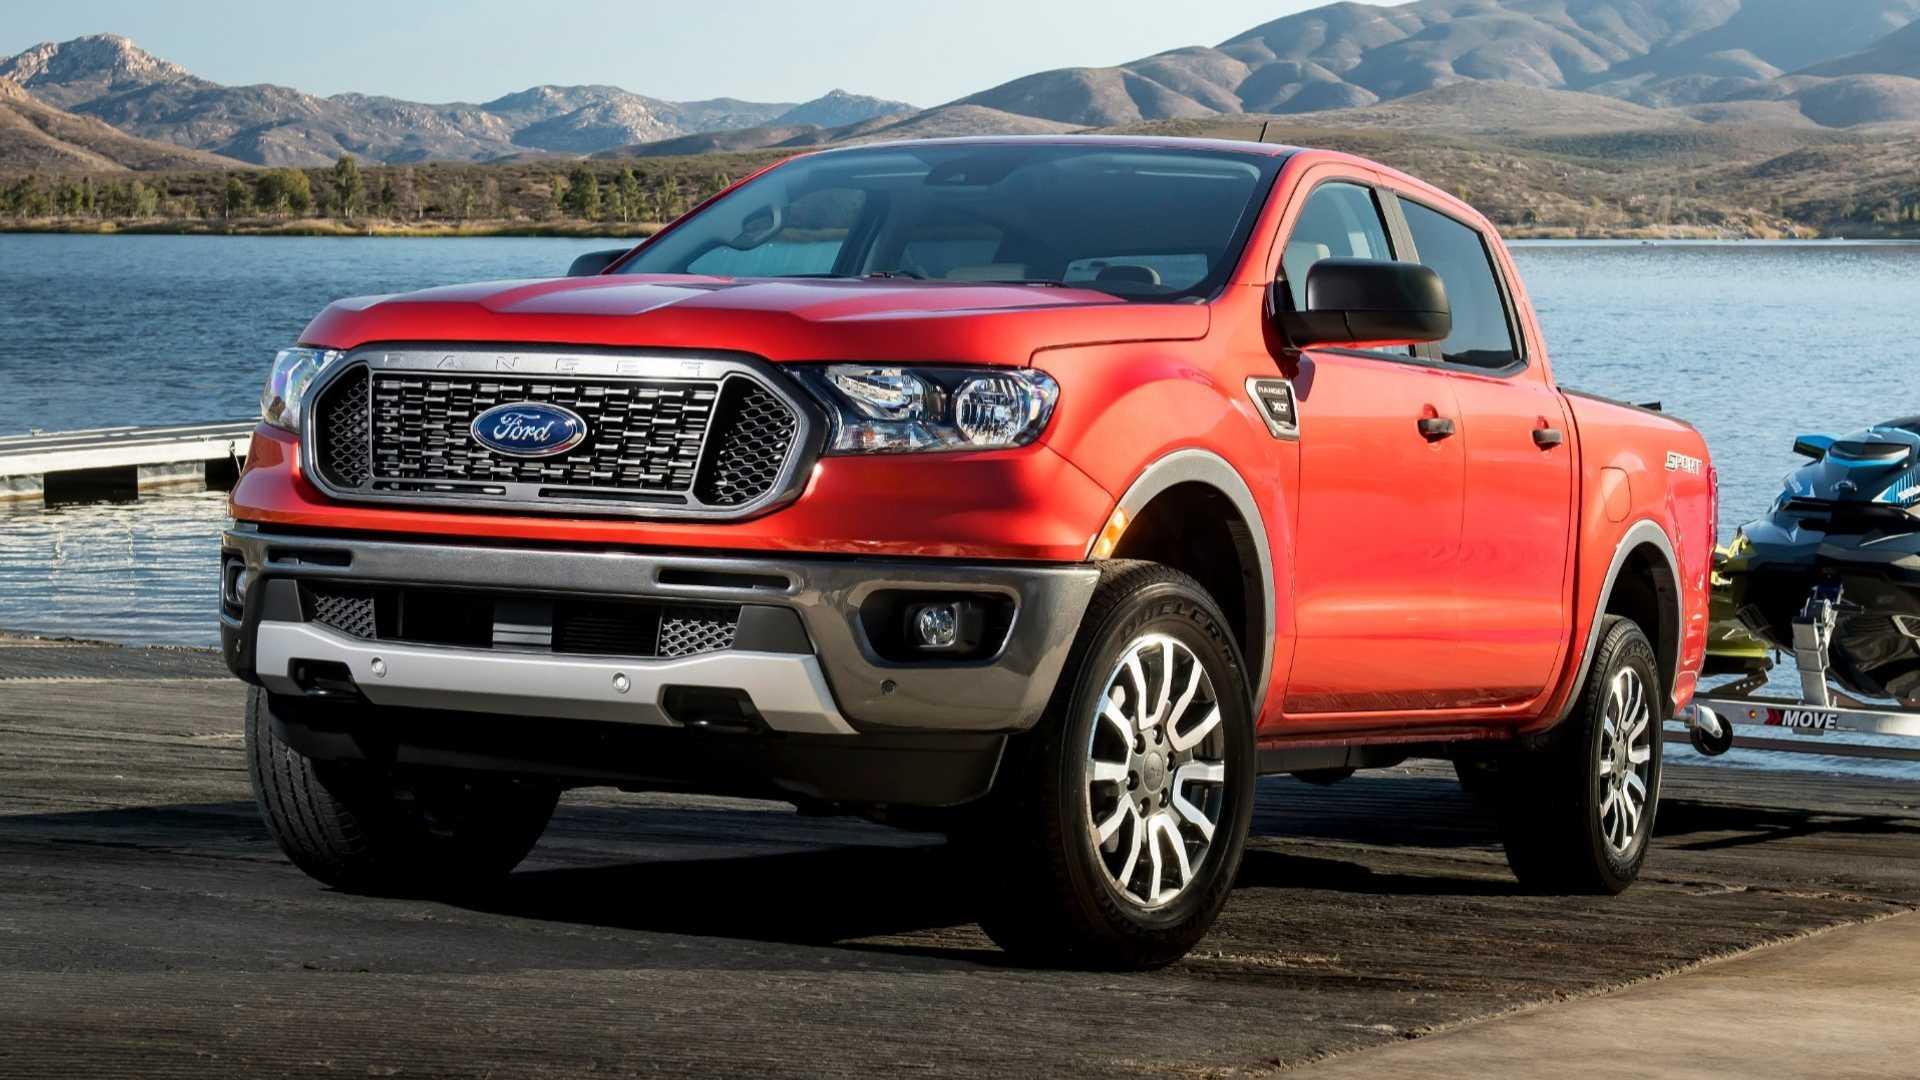 2019-ford-ranger-danh-gia-1.jpg